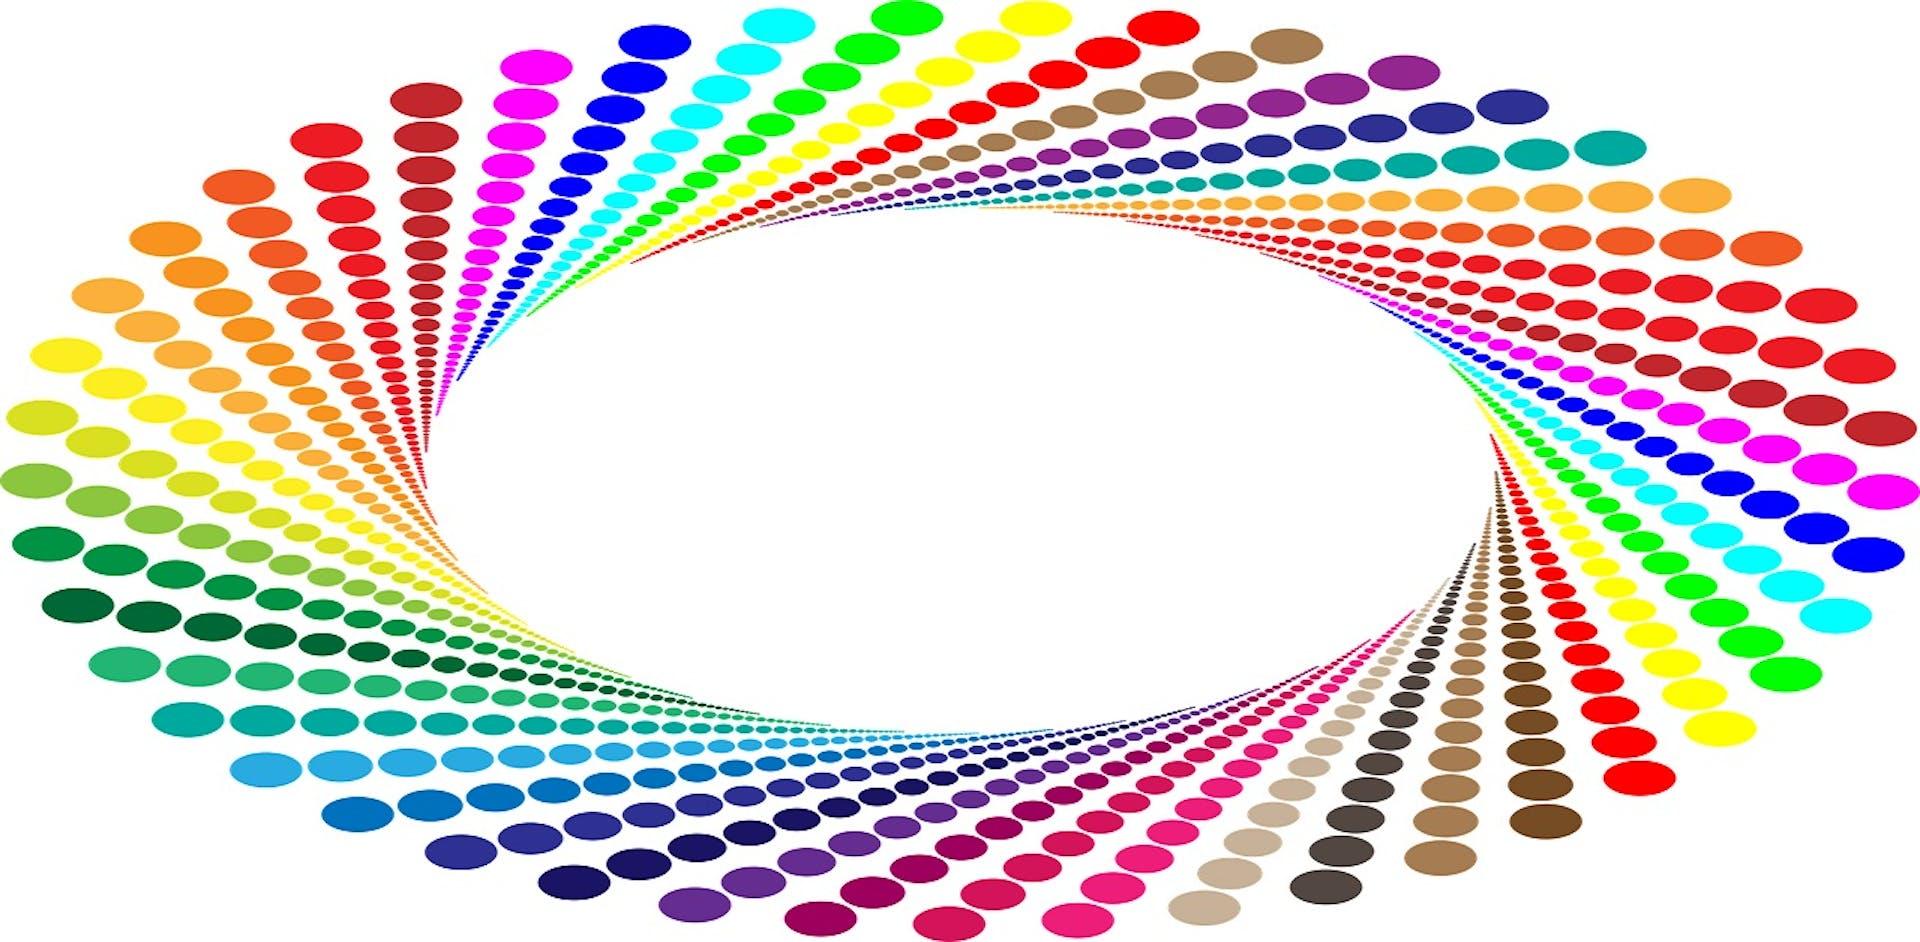 Círculo cromático: Combinaciones que harán estallar tus sentidos